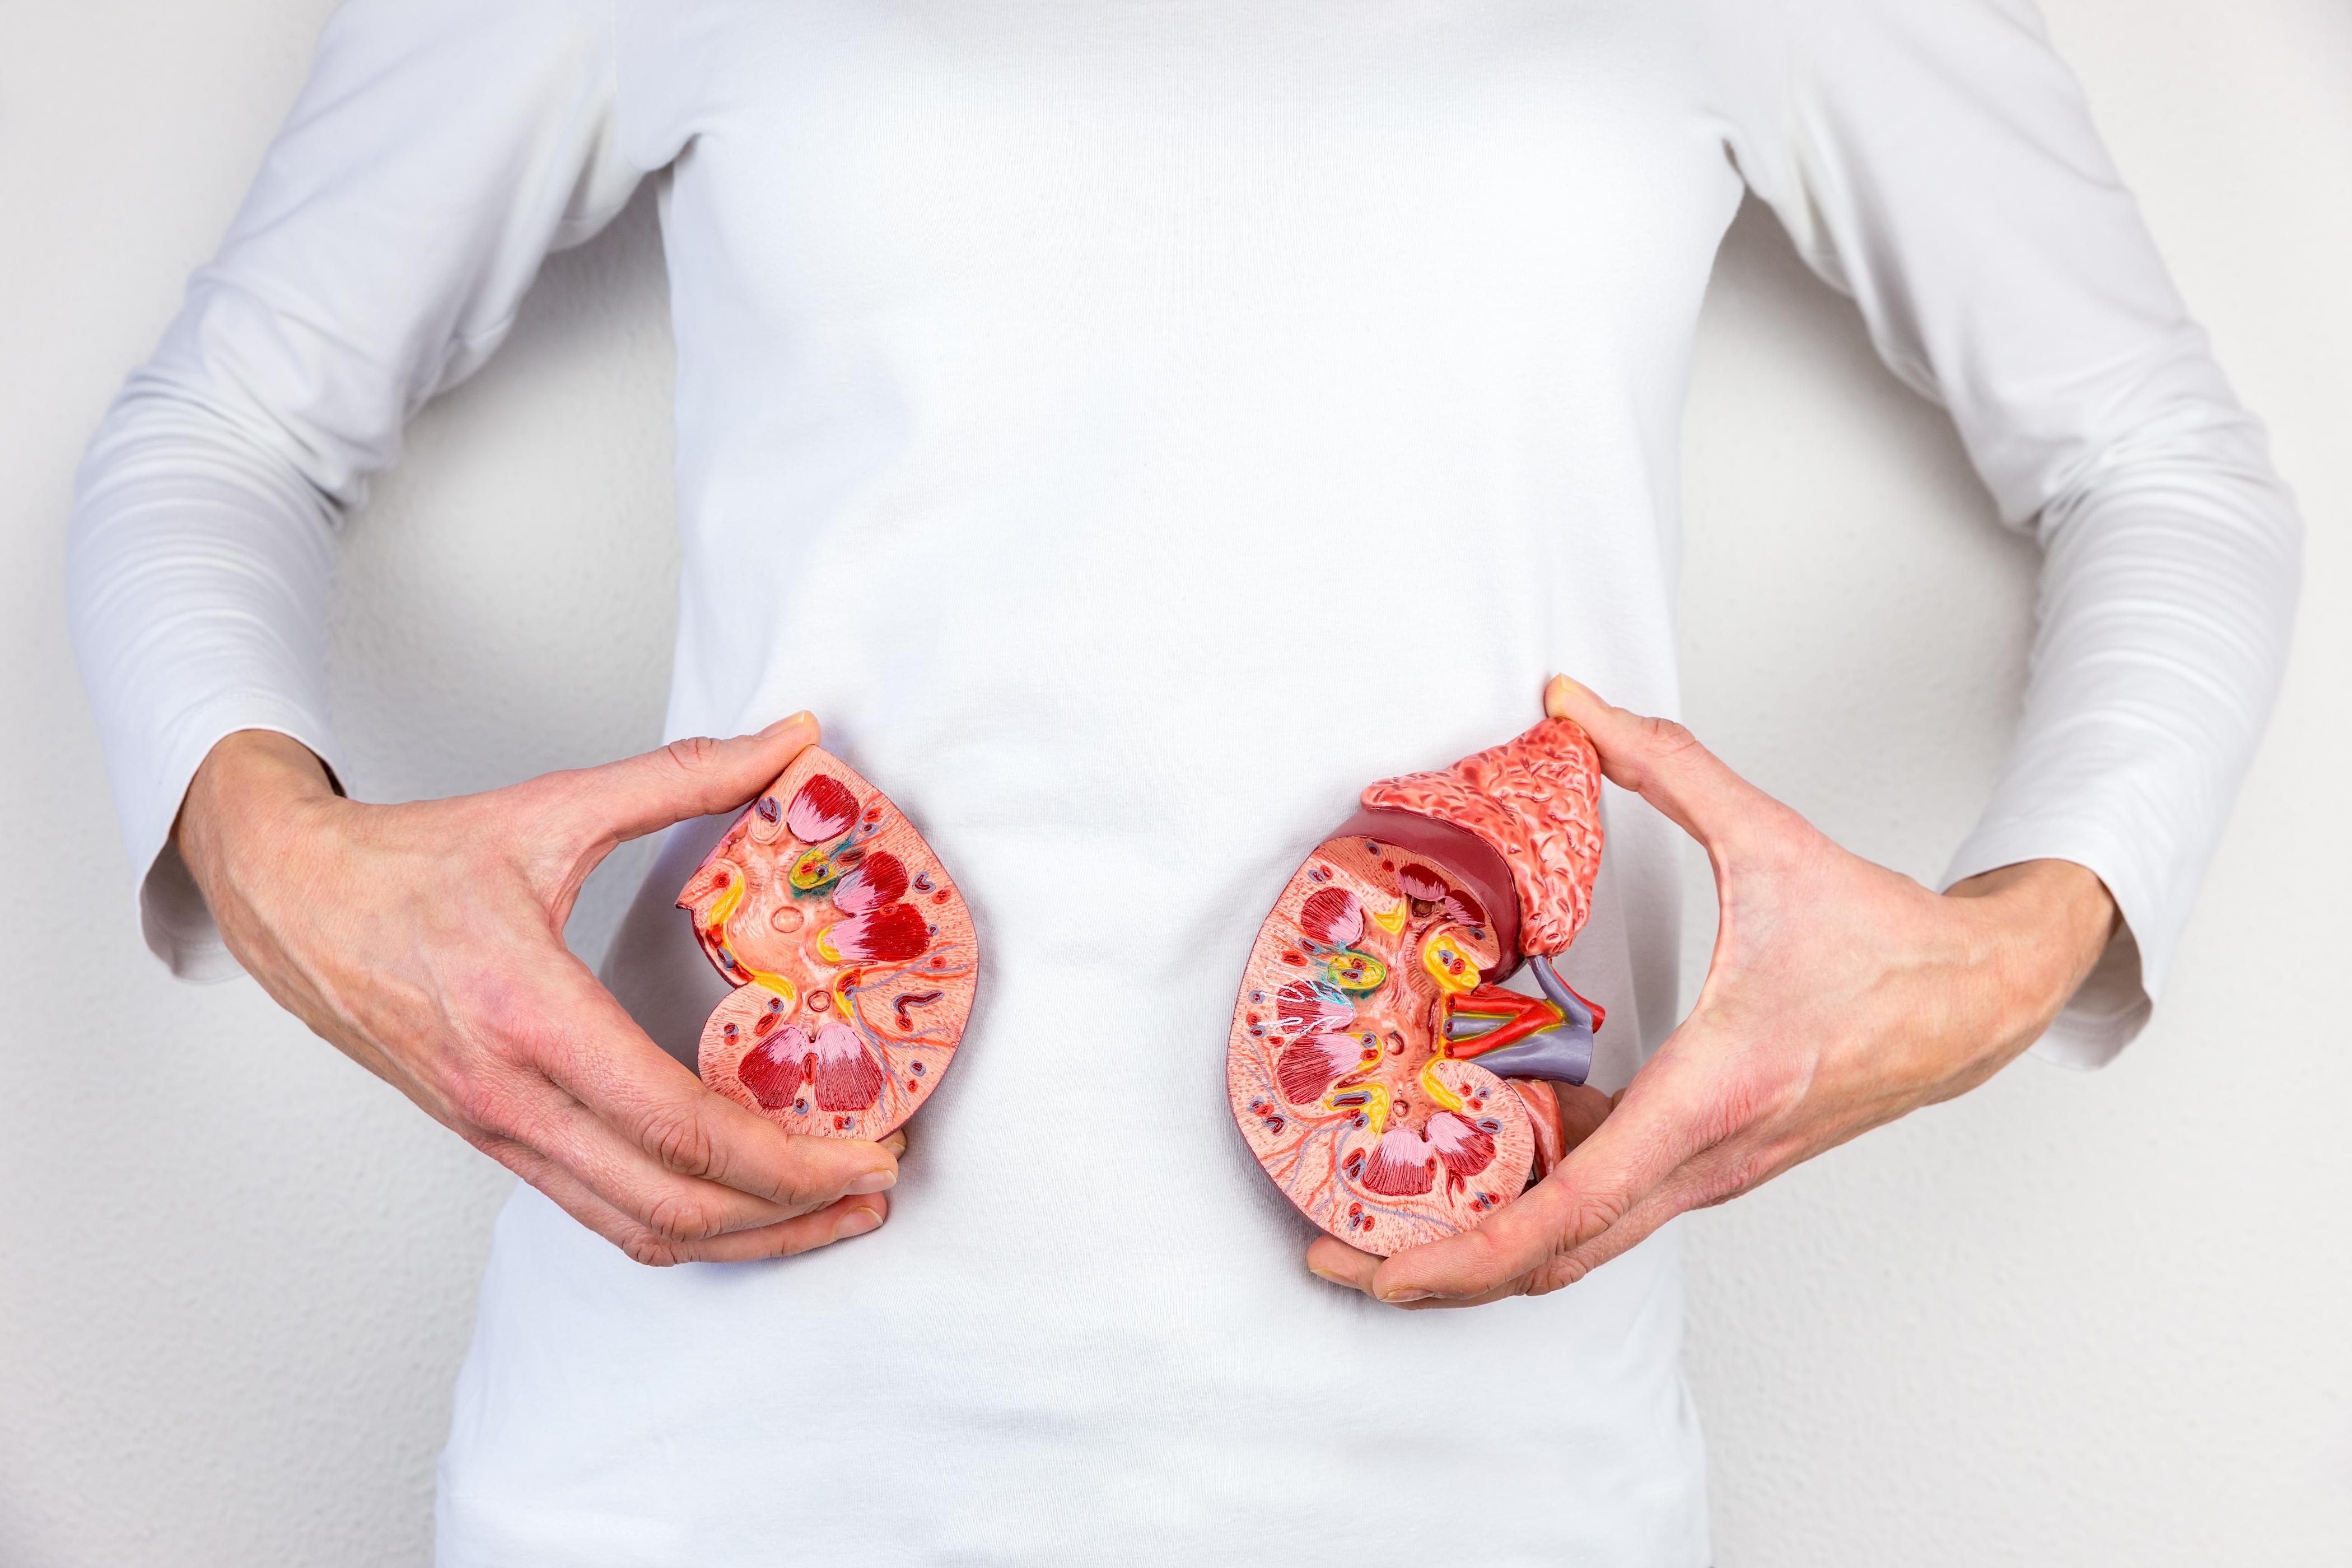 Trei persoane au murit dupa ce le-au fost transplantate organe ale unei femei cu cancer